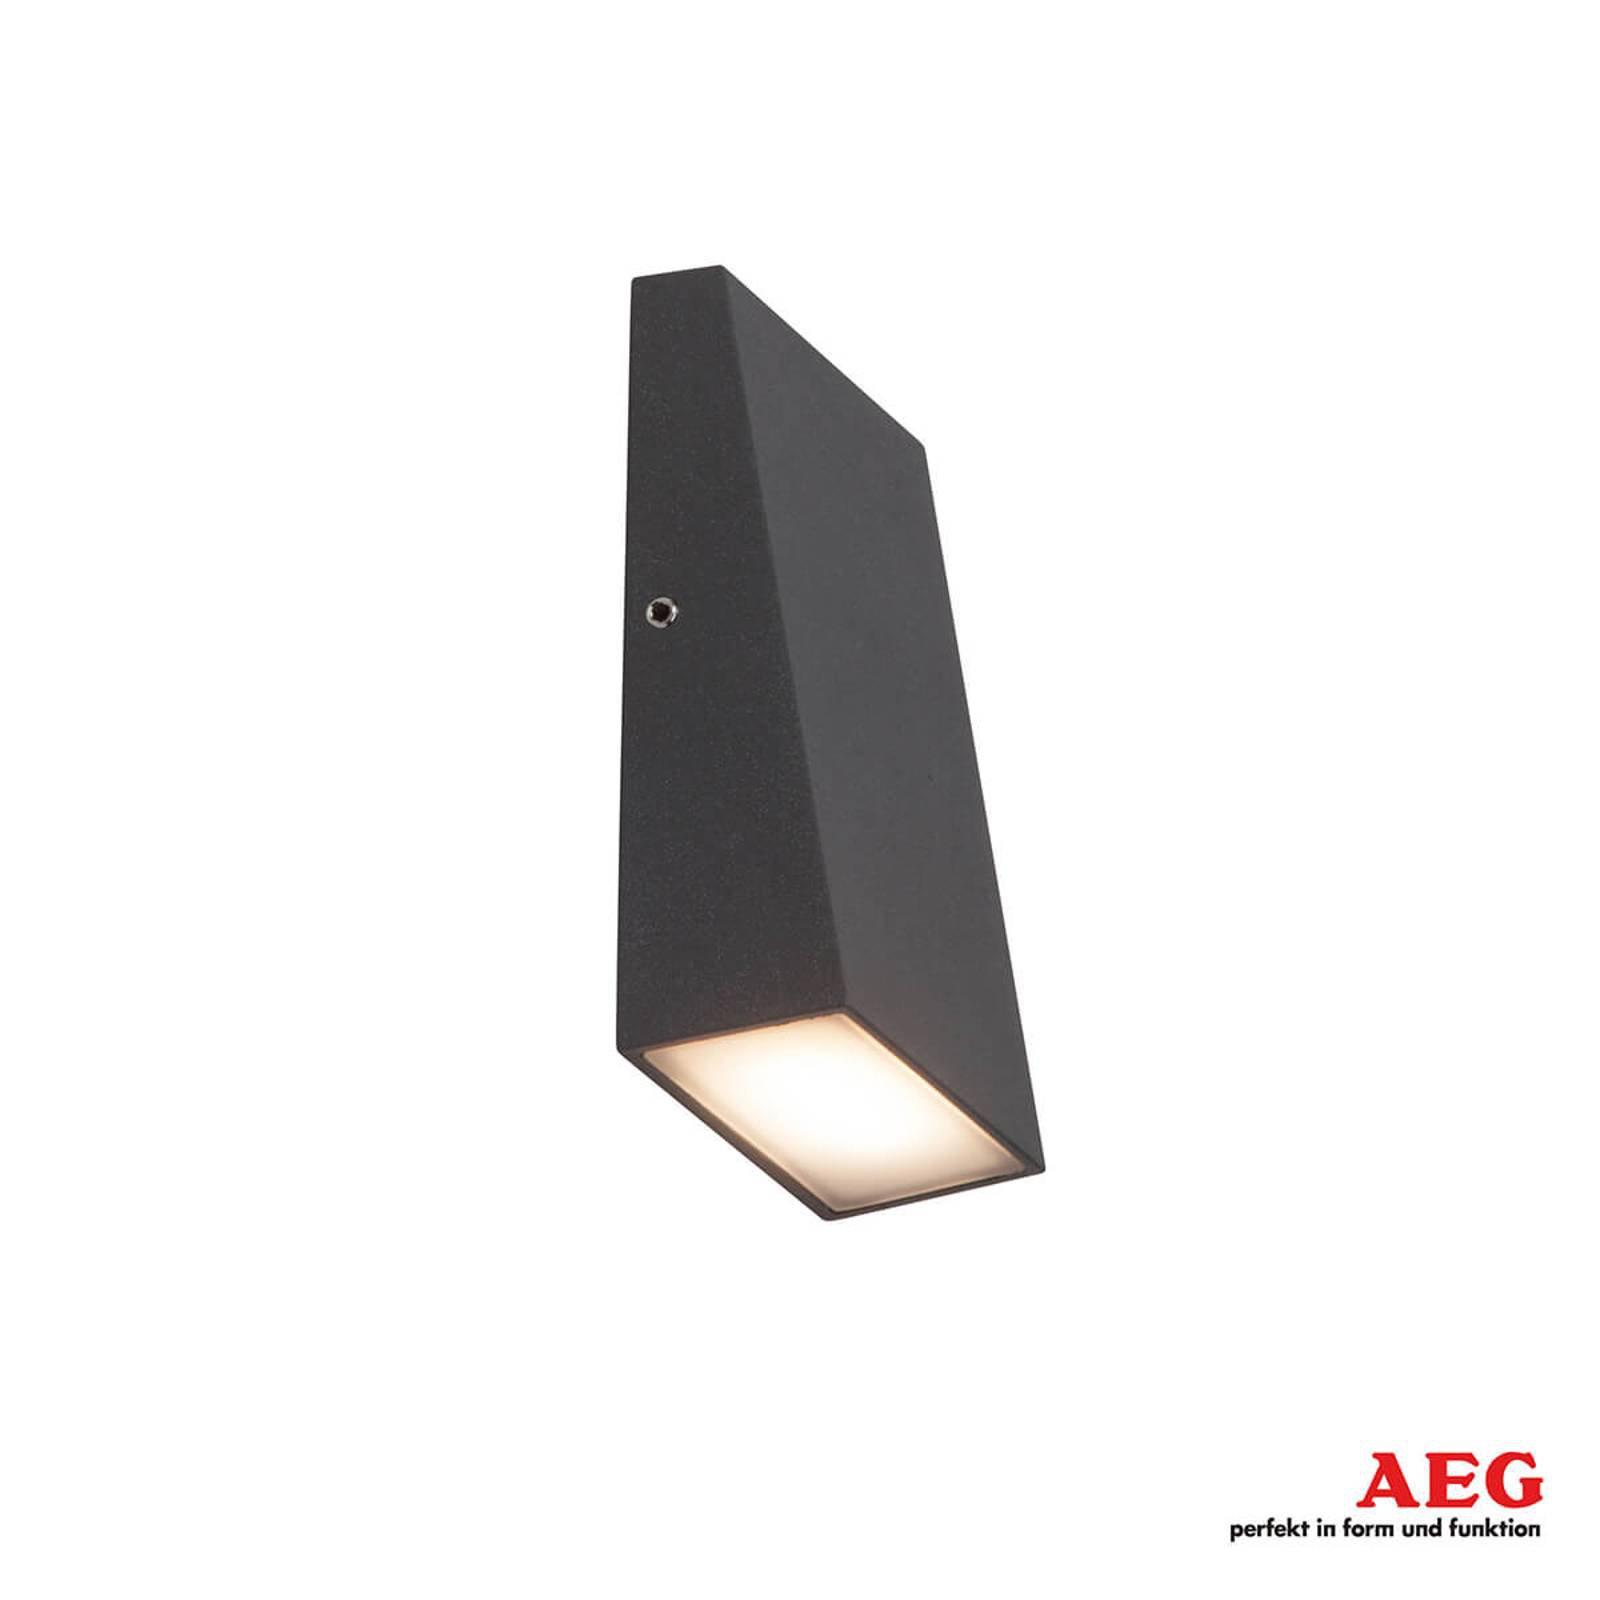 Tivana LED-utevegglampe med nanobelegg